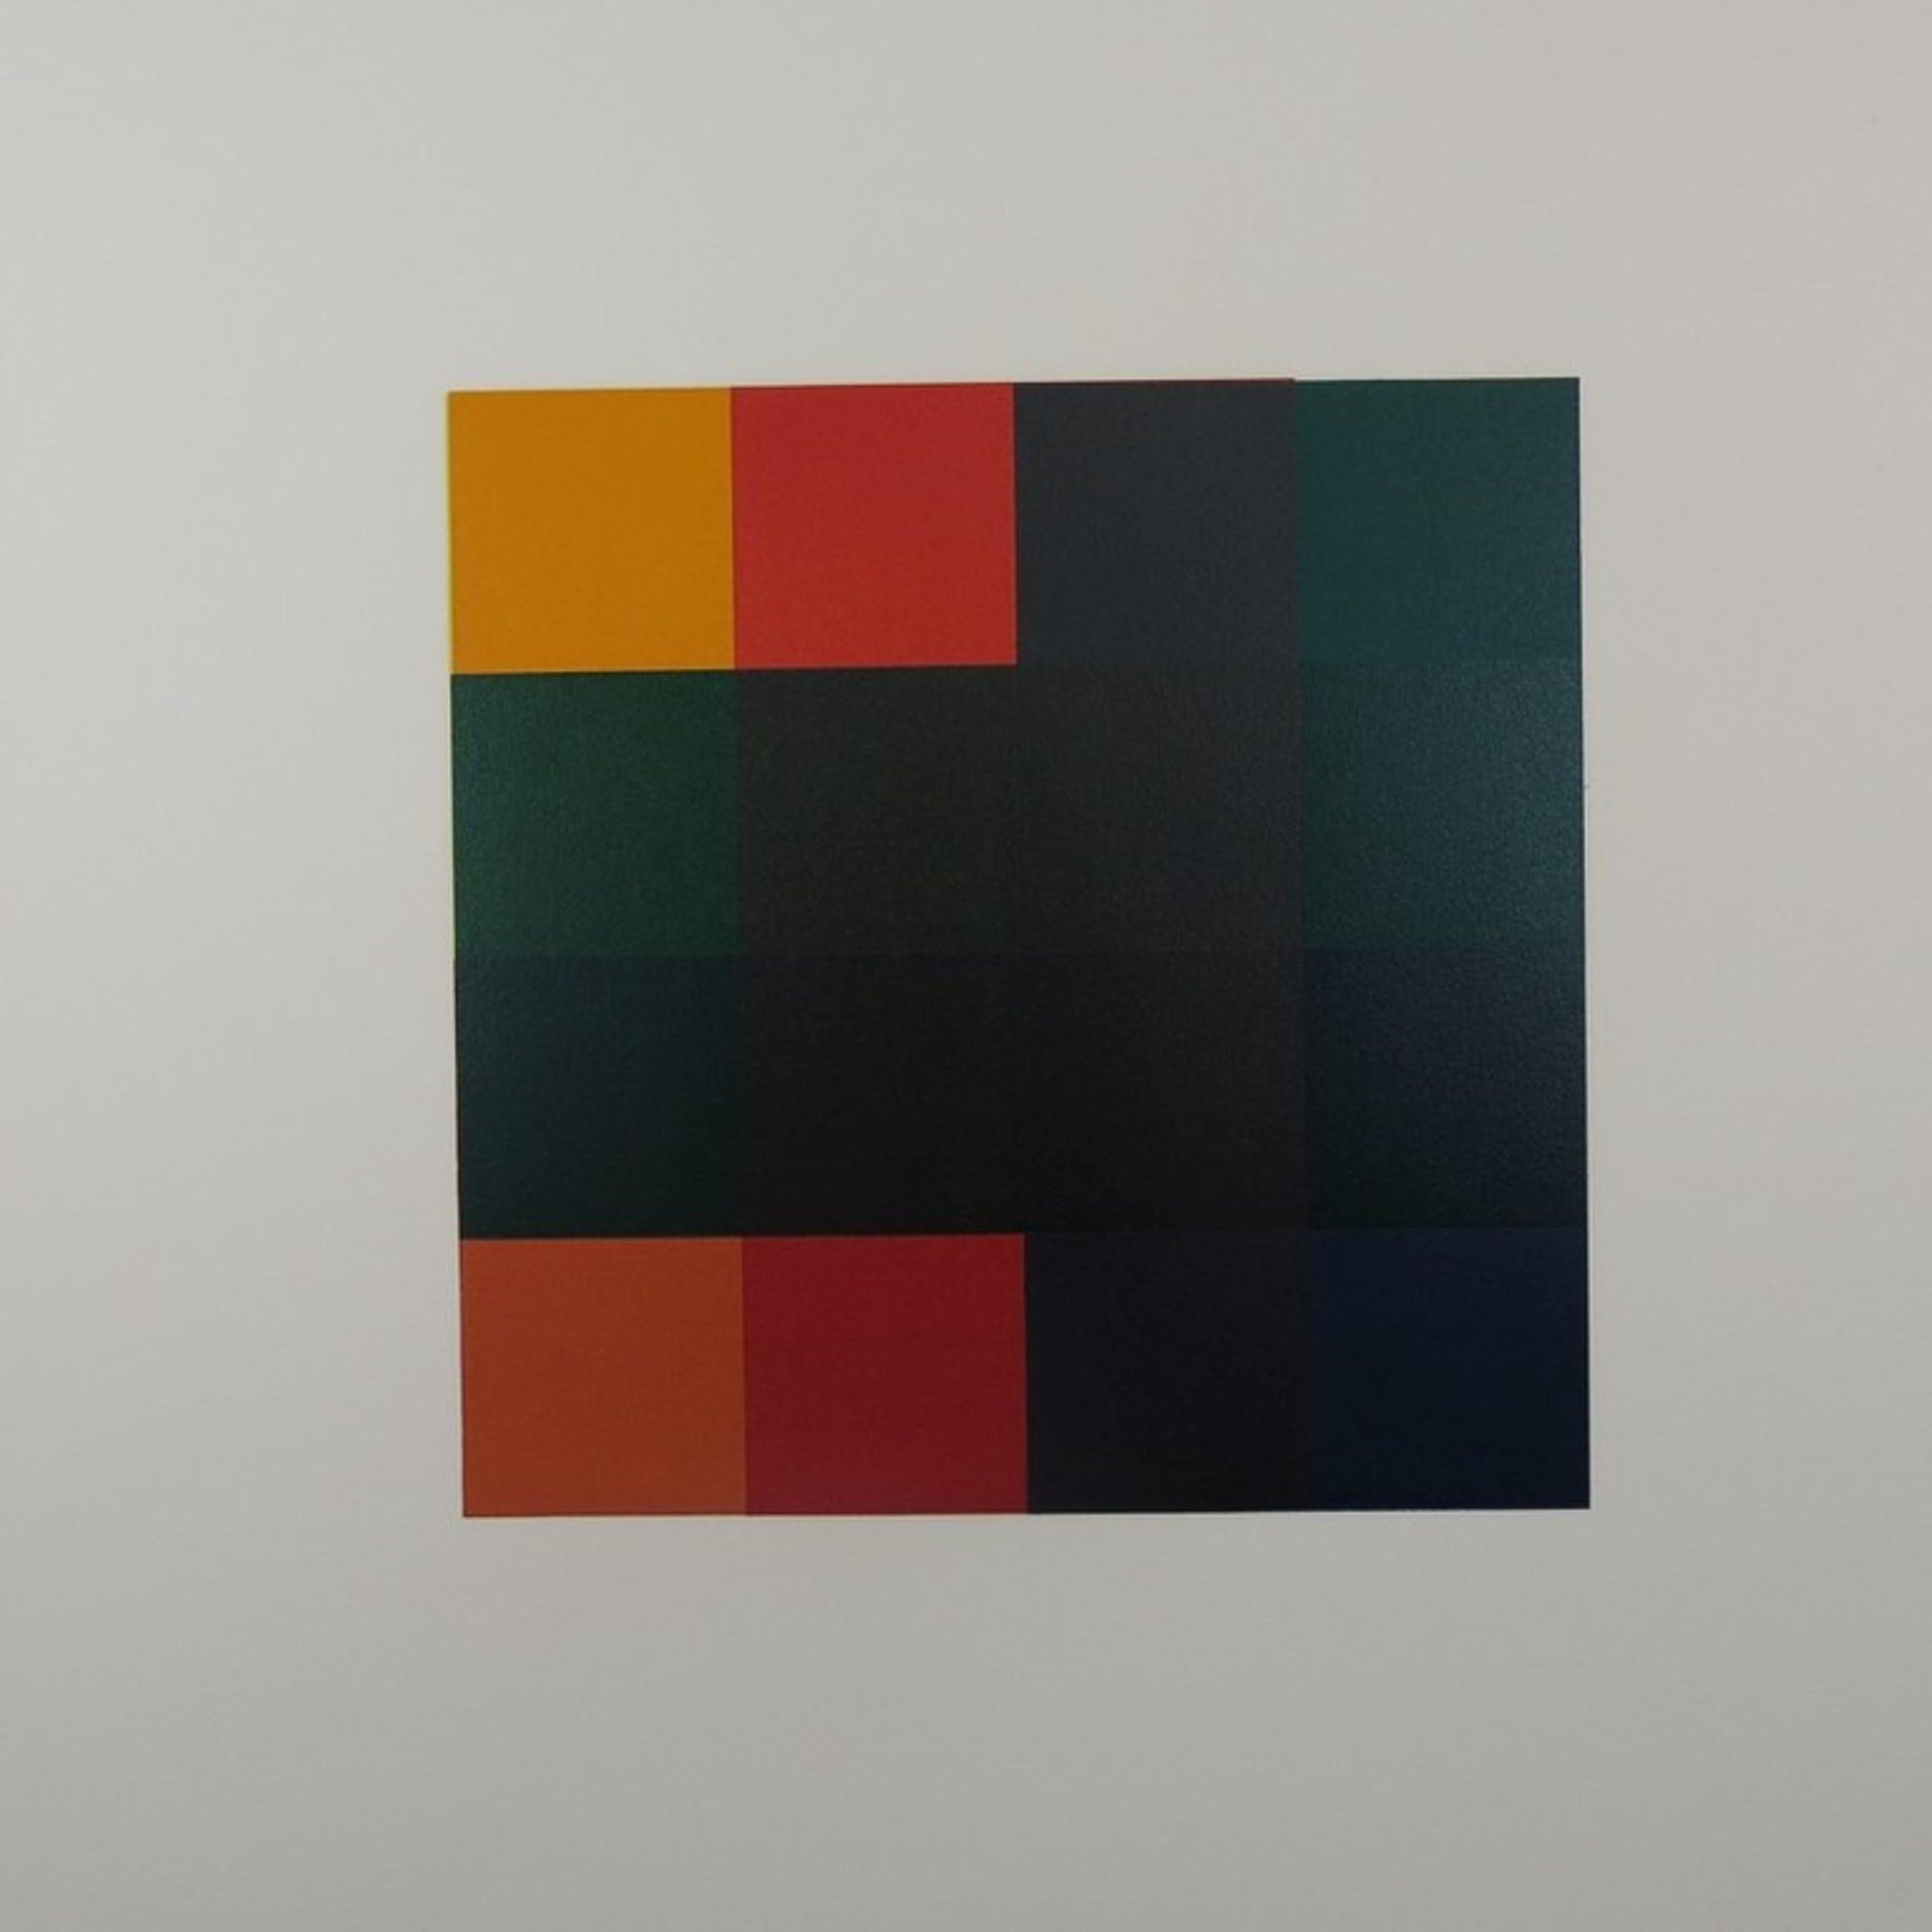 Michiel Duvekot: Linosnede, Geometrische compositie met vierkanten, Nr. 7 'G' kopen? Bied vanaf 35!